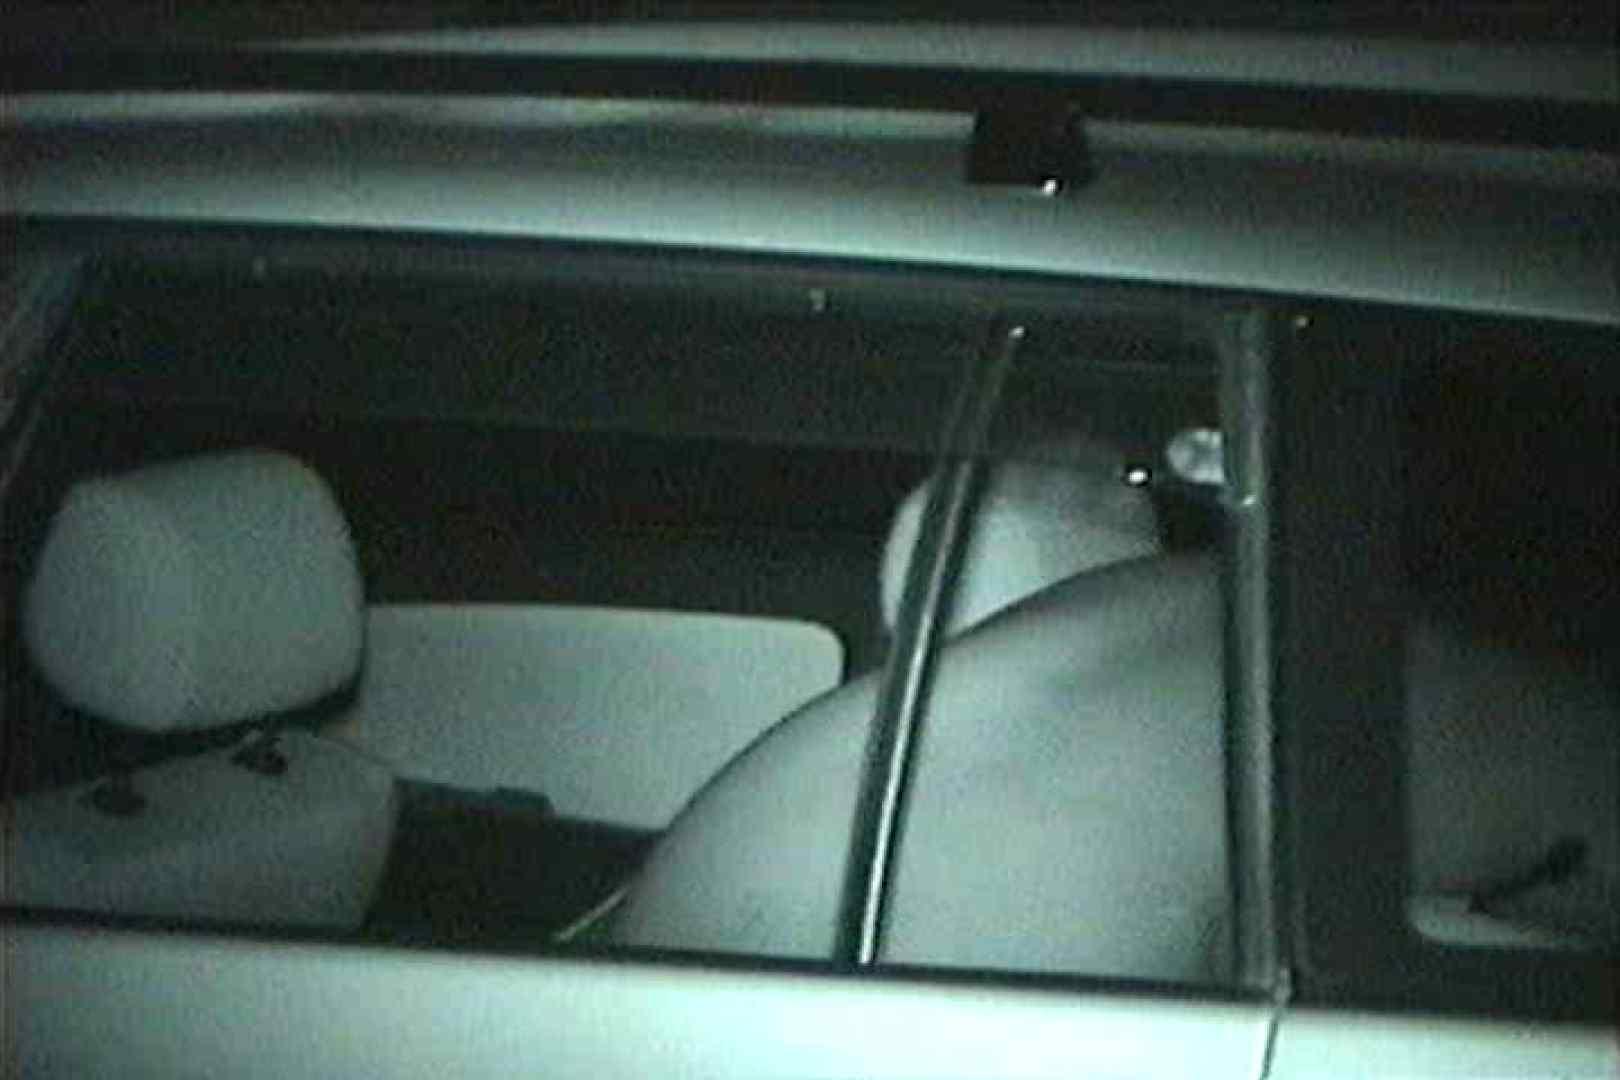 車の中はラブホテル 無修正版  Vol.24 エッチなセックス われめAV動画紹介 102画像 17